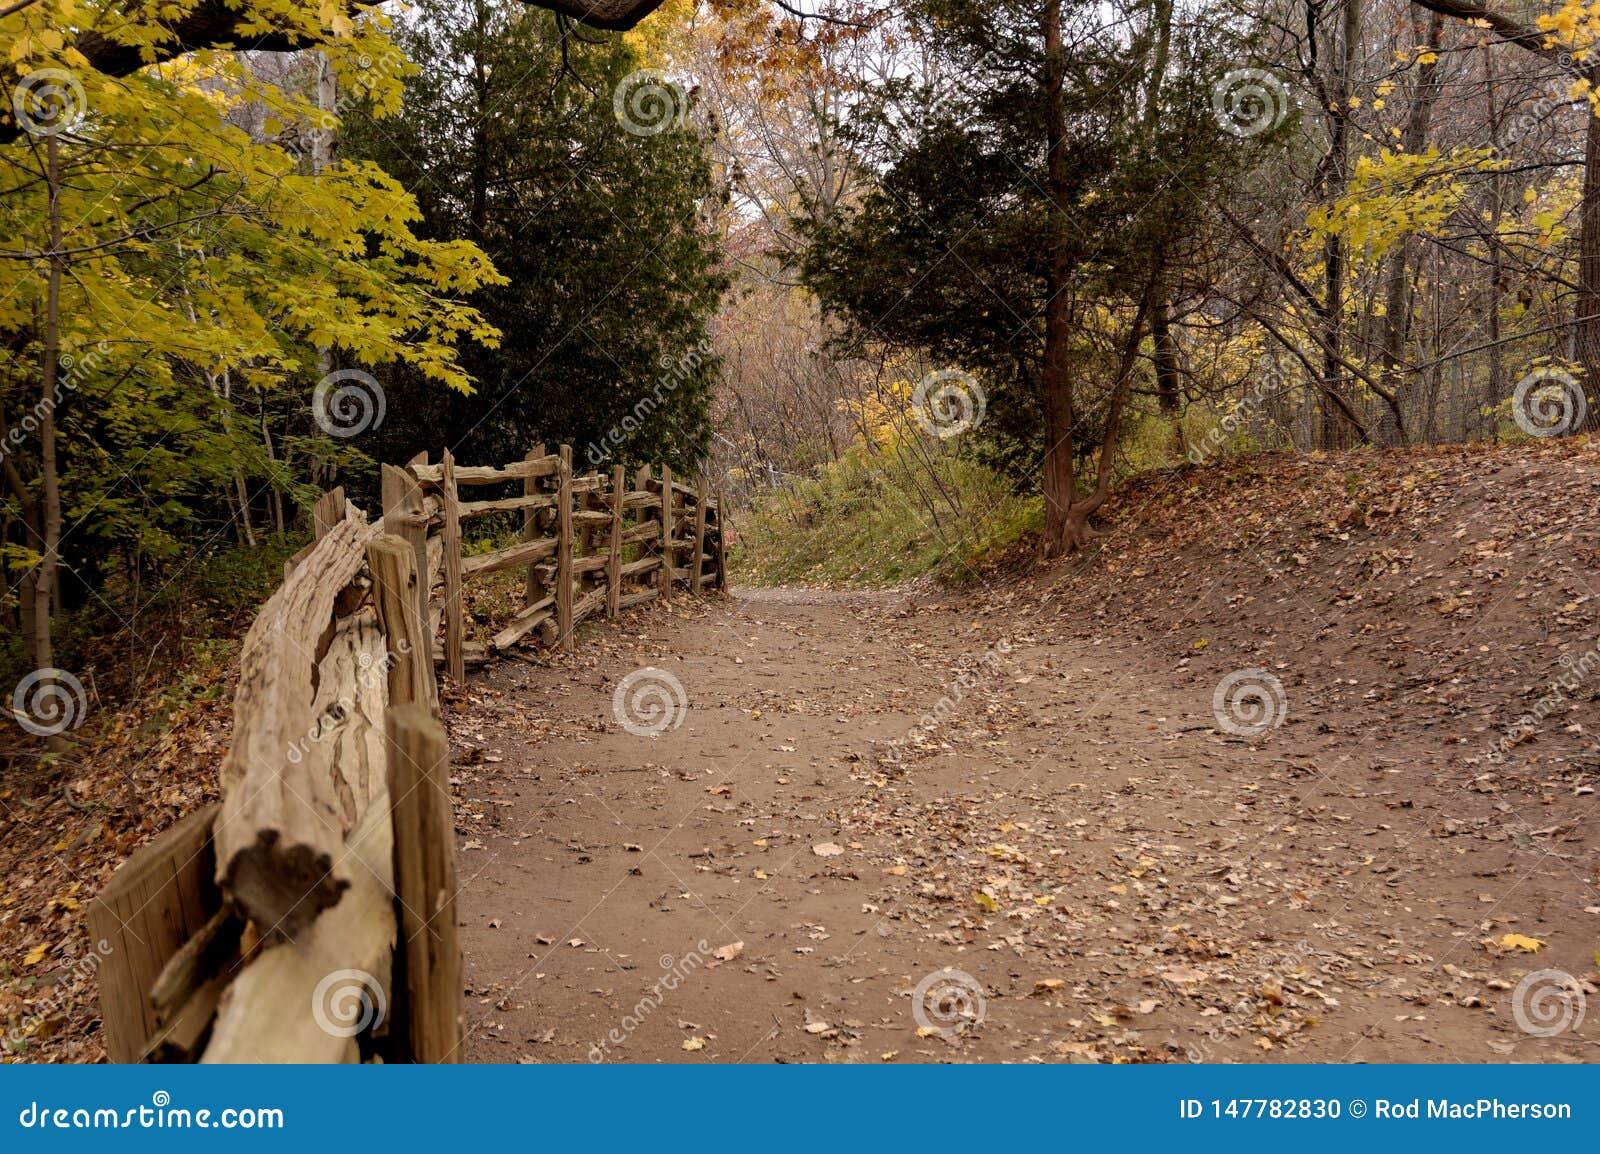 Down path